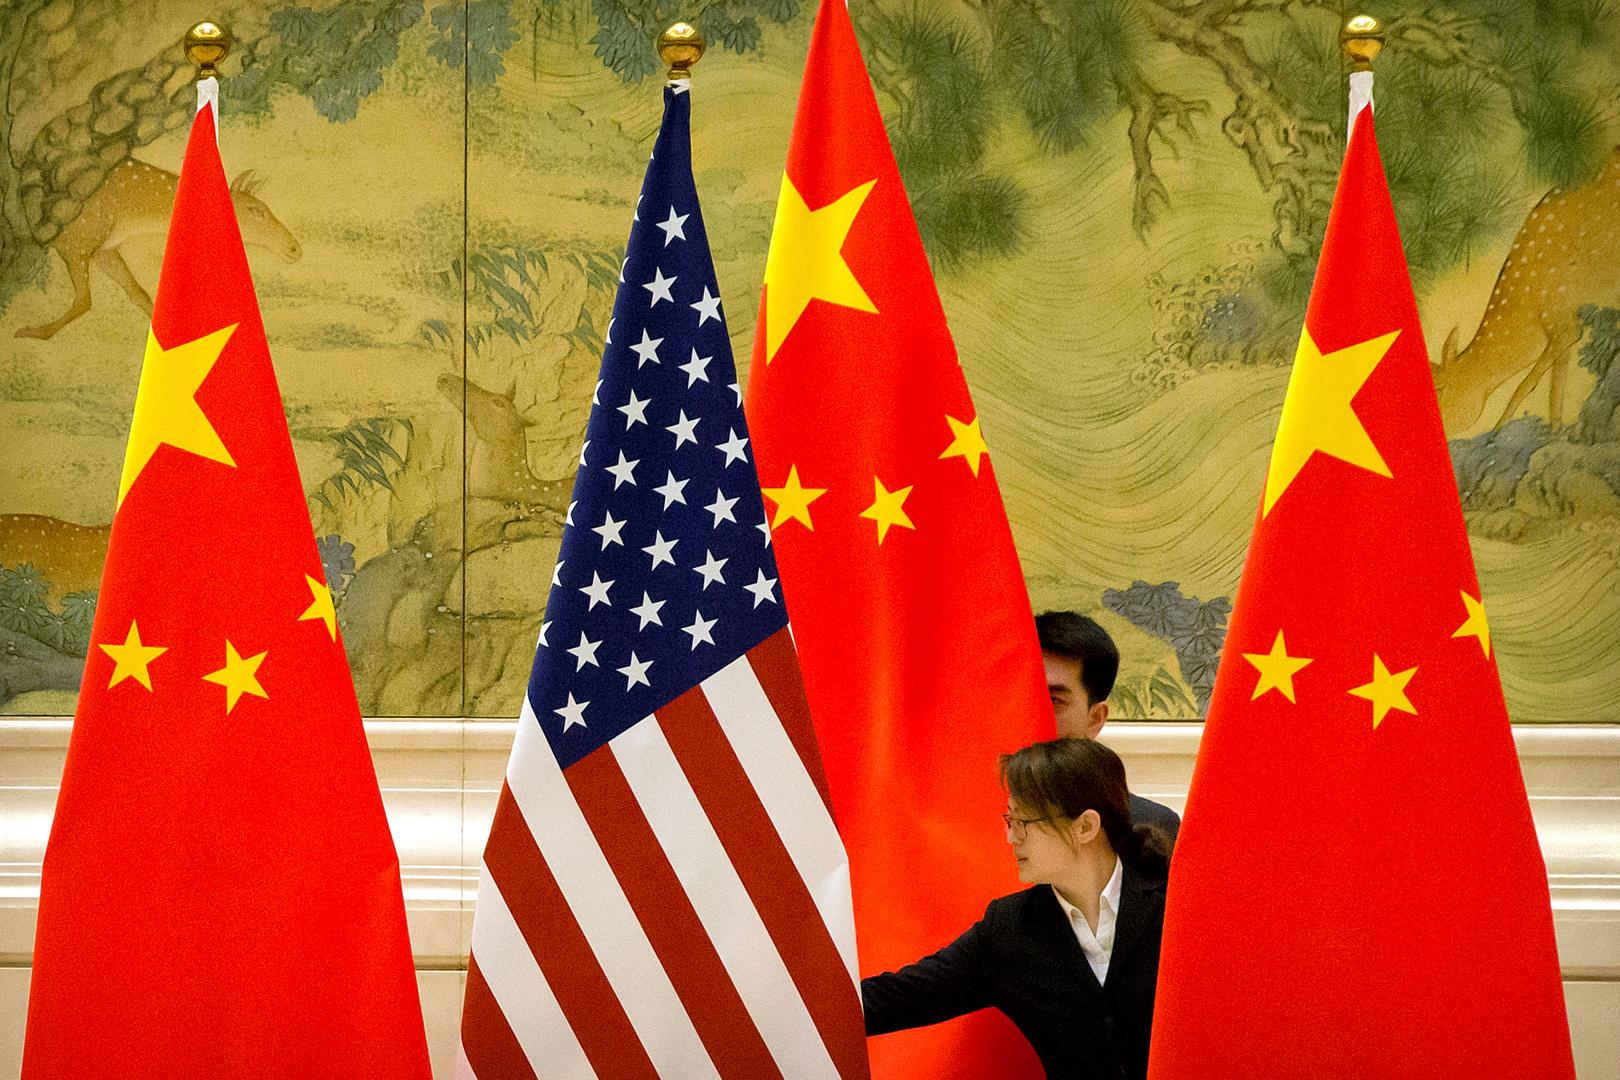 استراتيجية سرية: هل ستتغير سياسة المواجهة بين الولايات المتحدة والصين